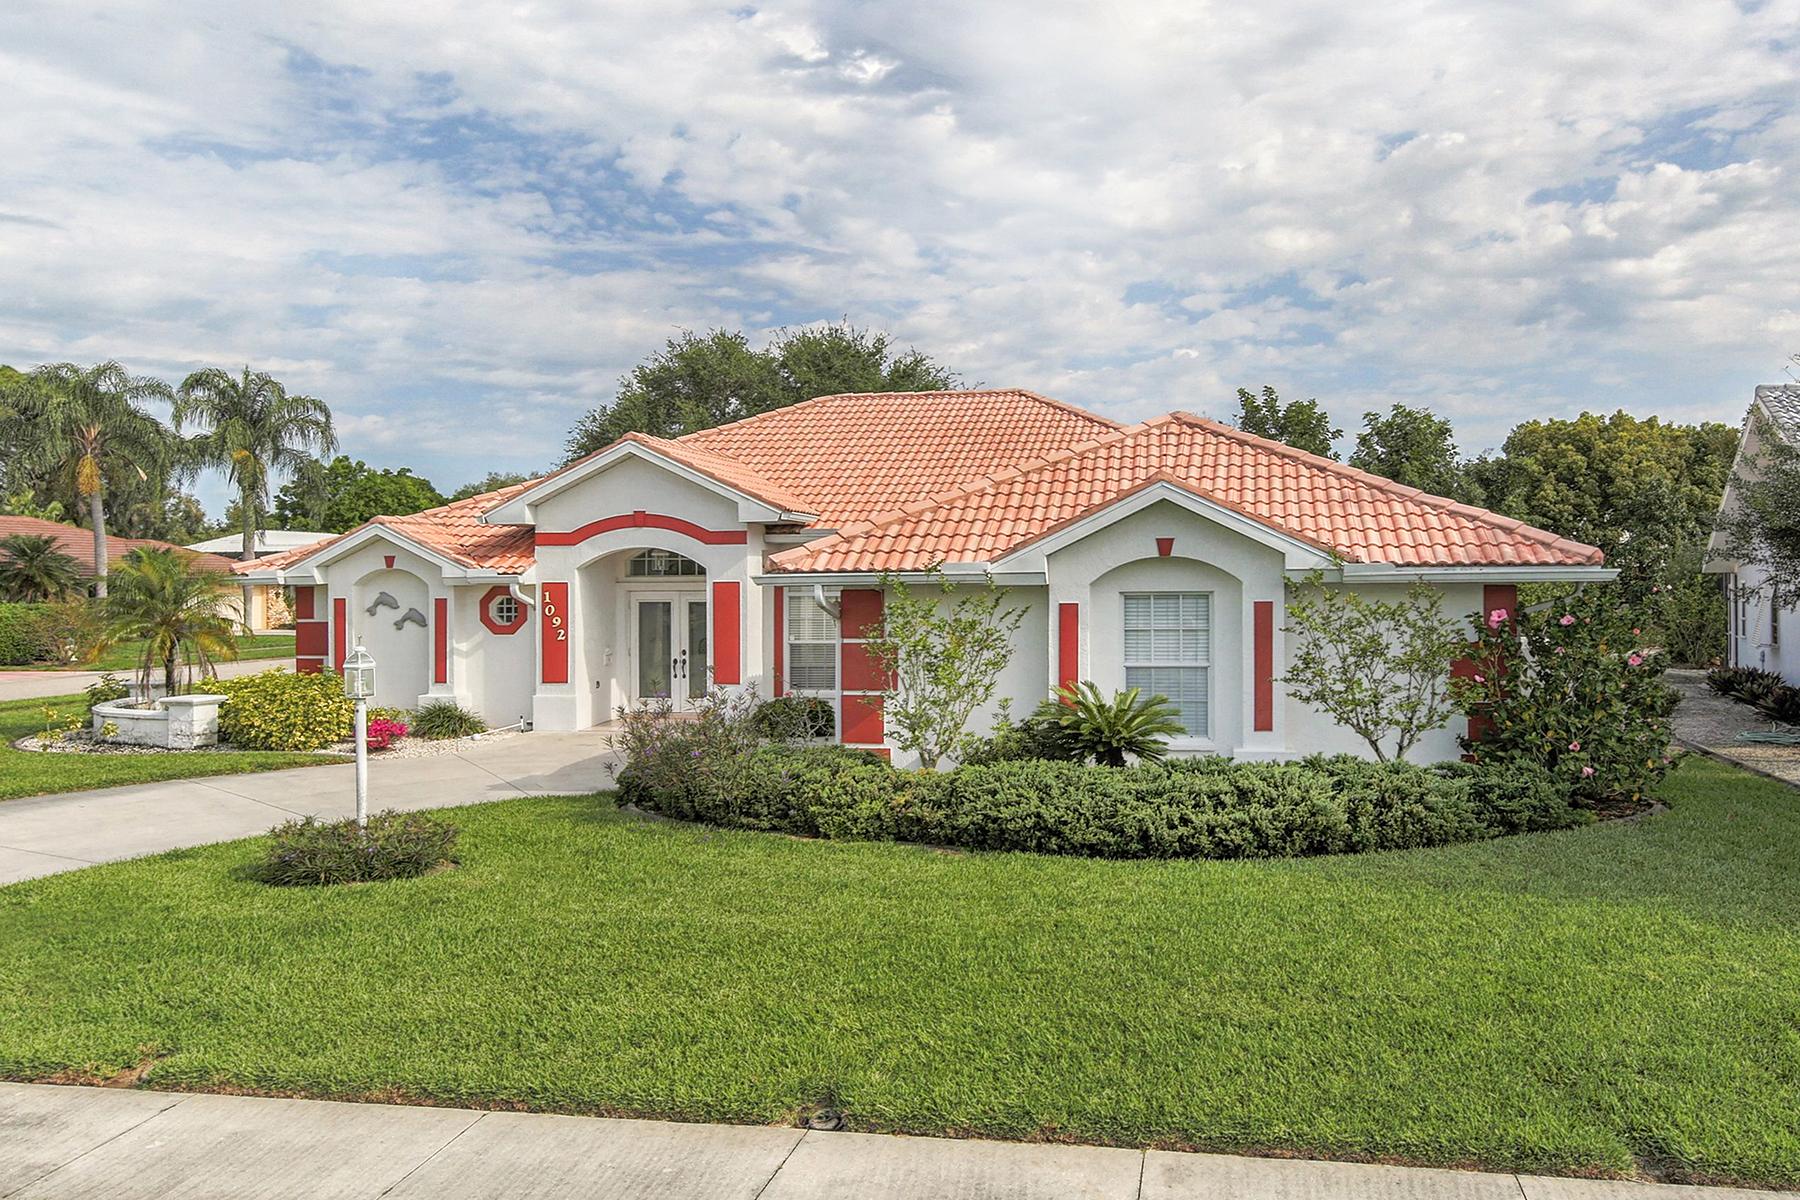 Villa per Vendita alle ore LAUREL WOODLANDS 1092 Eisenhower Dr Nokomis, Florida, 34275 Stati Uniti